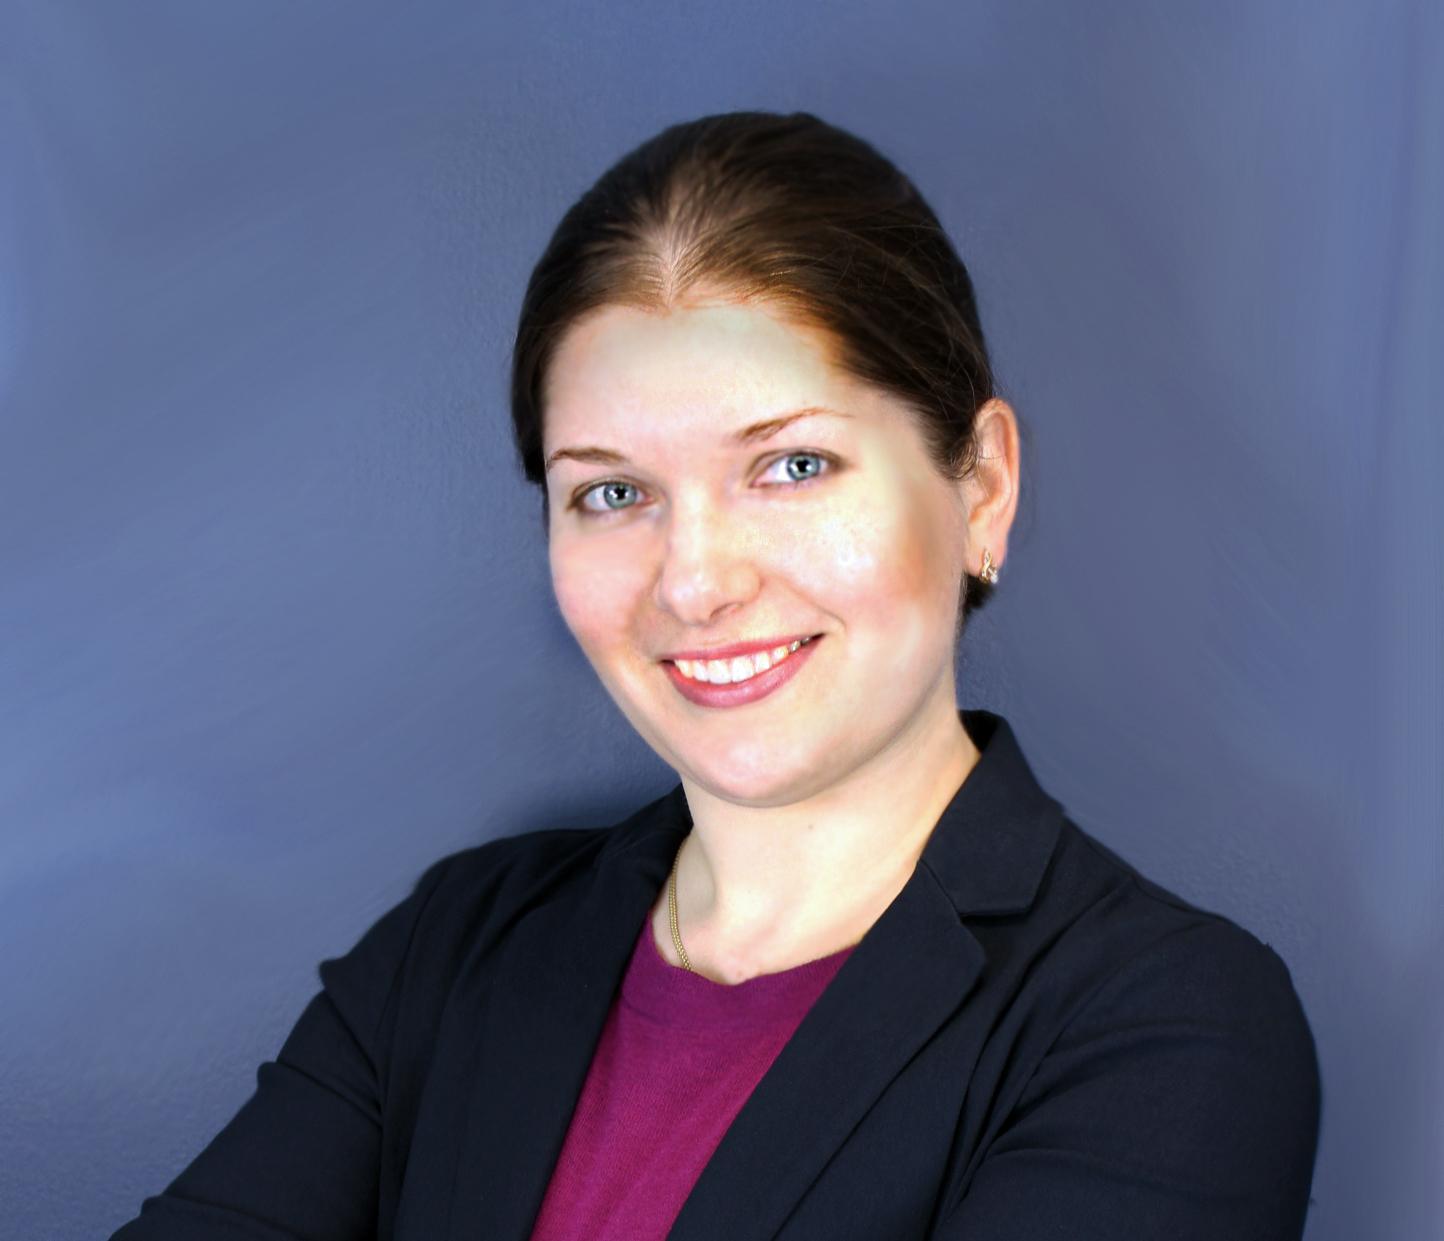 Zoryana Rawlins